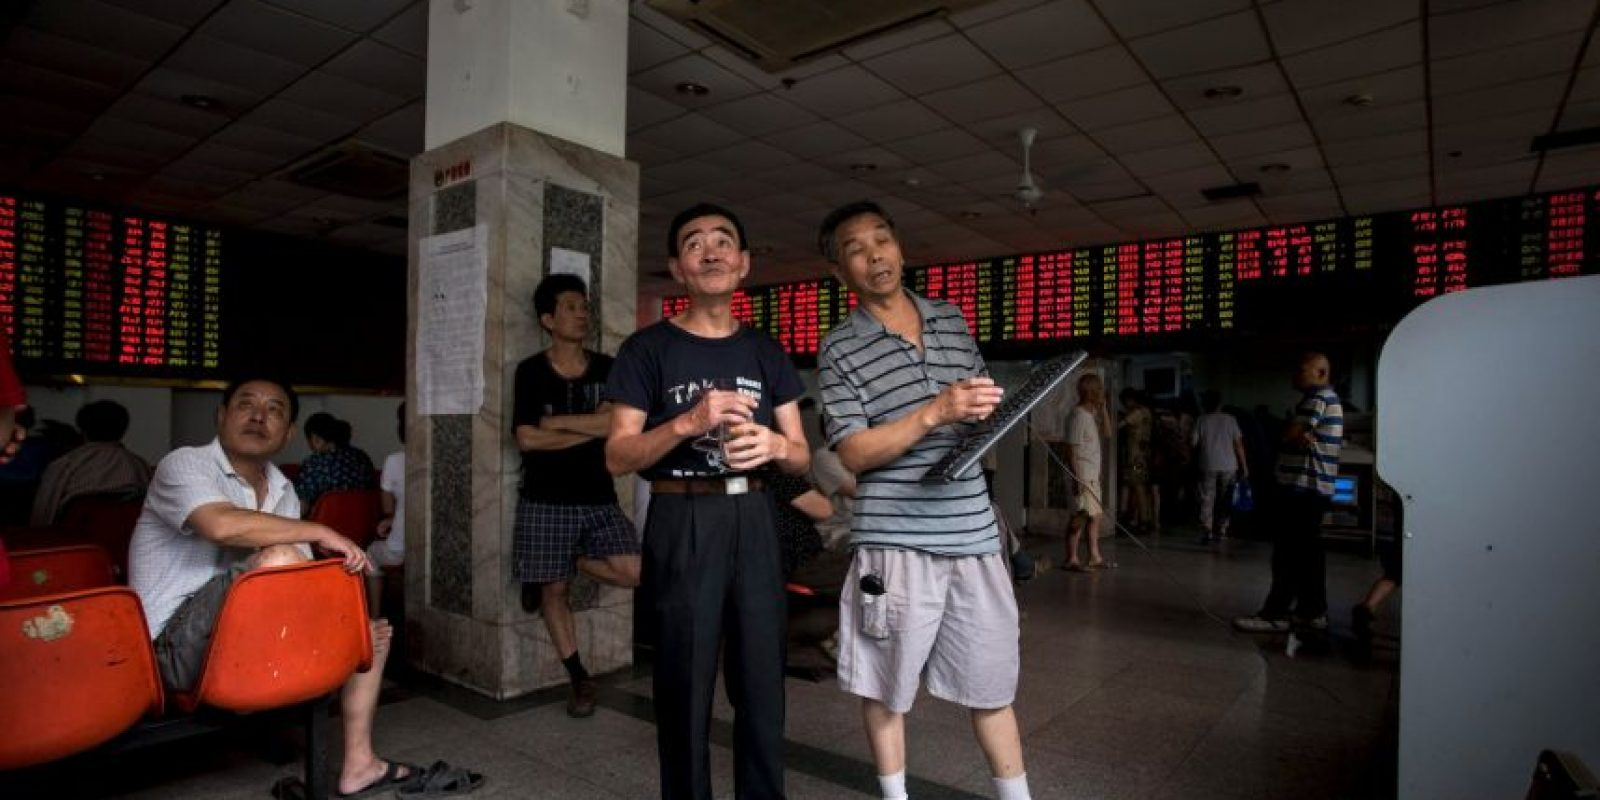 Esta situación podría producir una crisis en algunos mercados externos. Foto:AFP